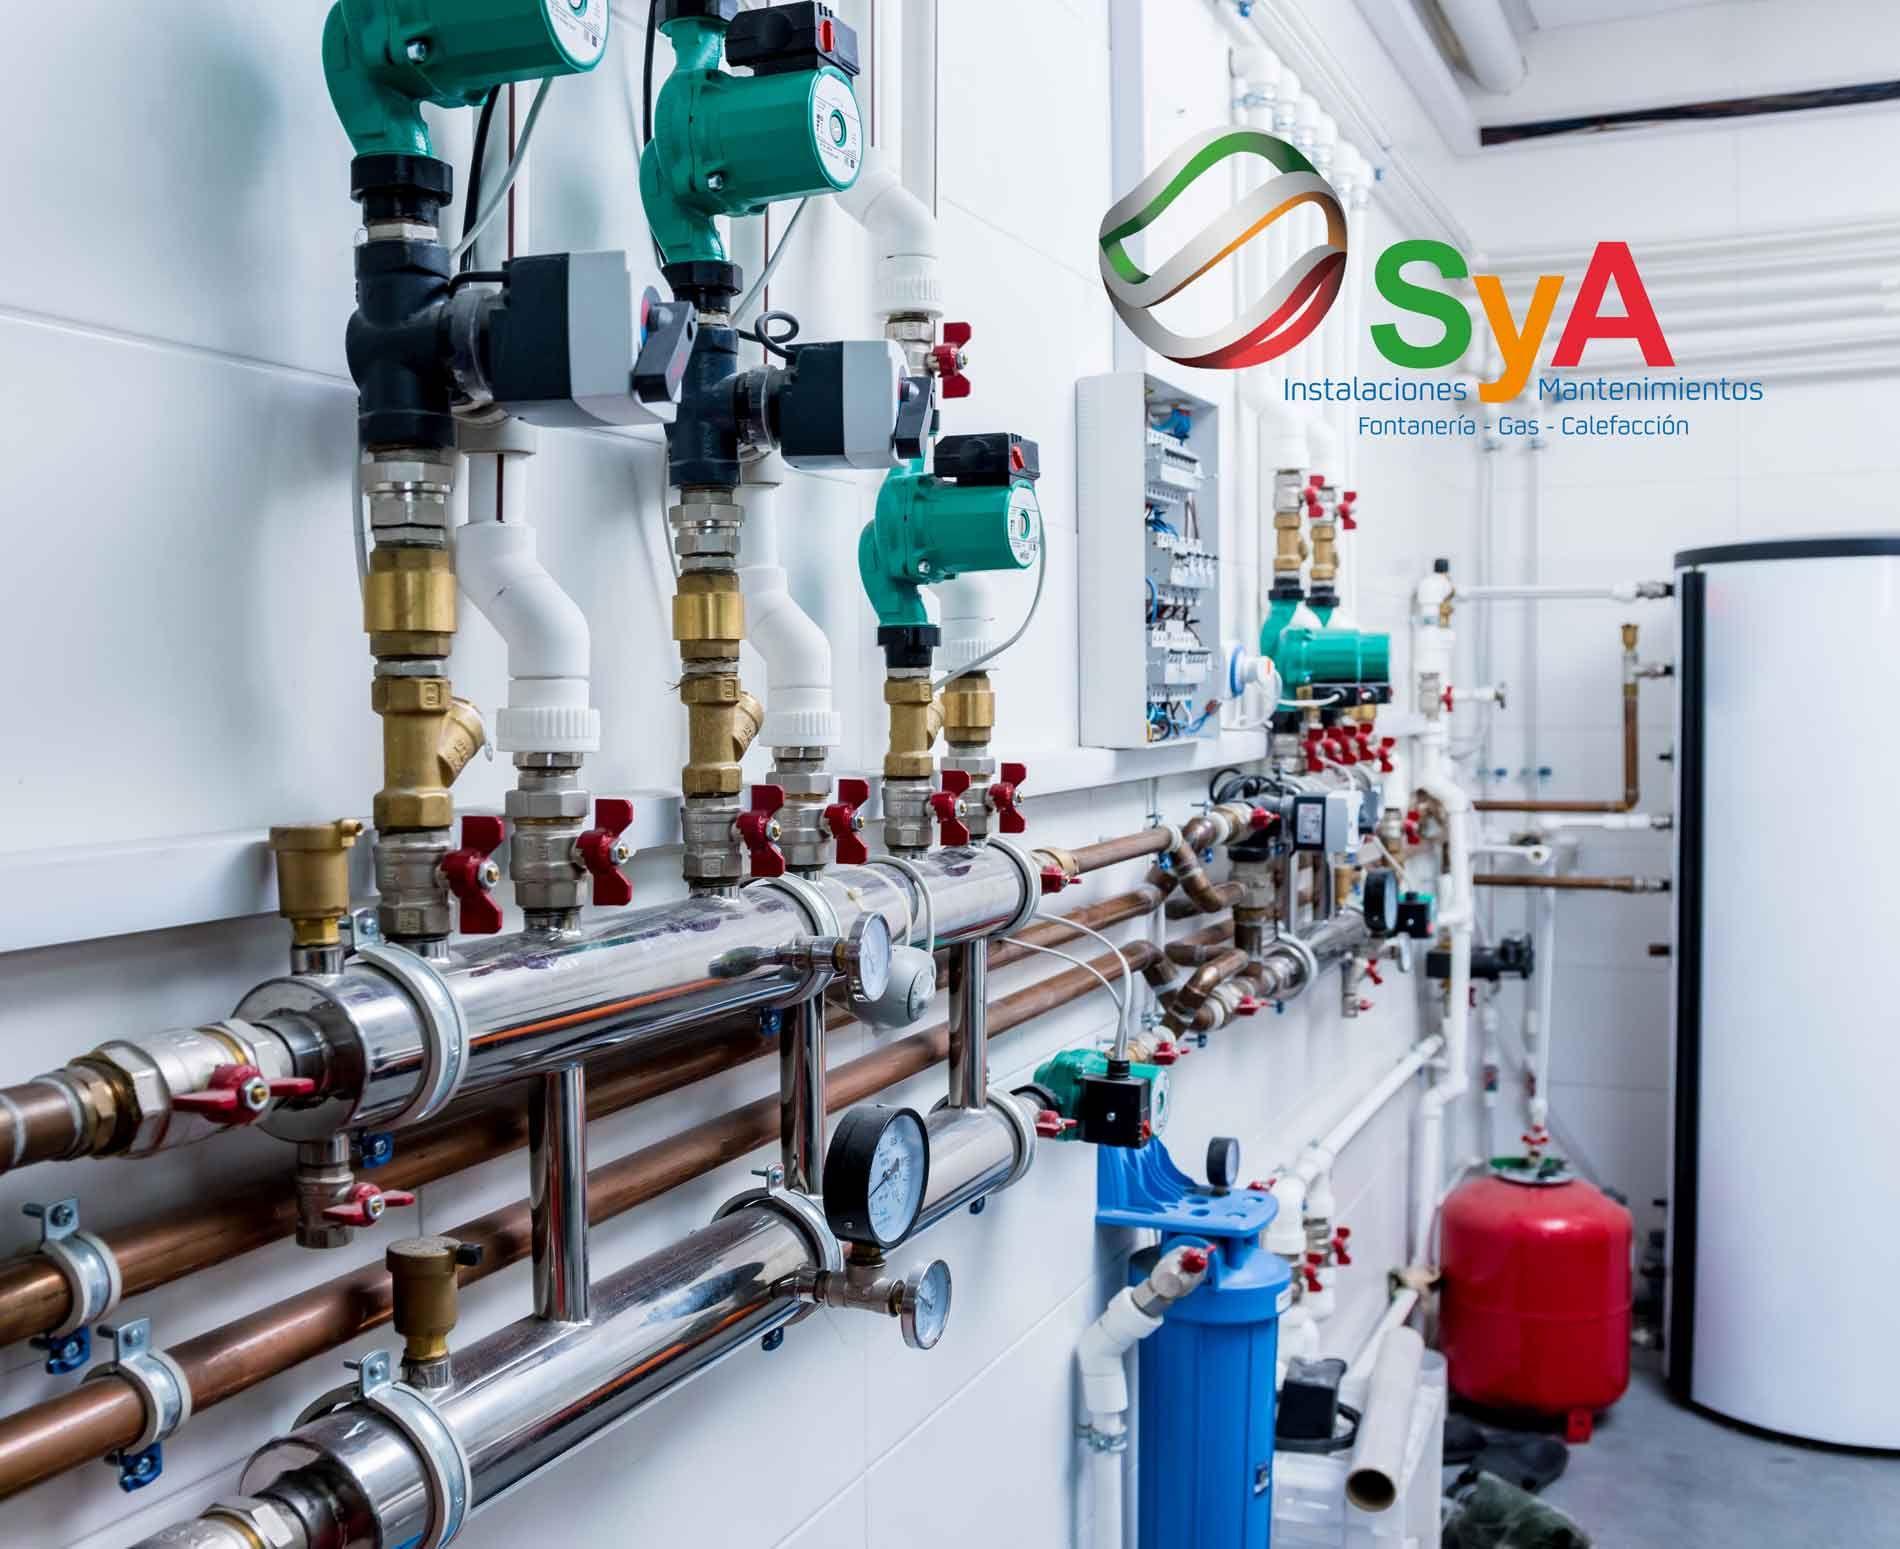 SYA ofrece su línea de instalaciones de gas a empresas y particulares